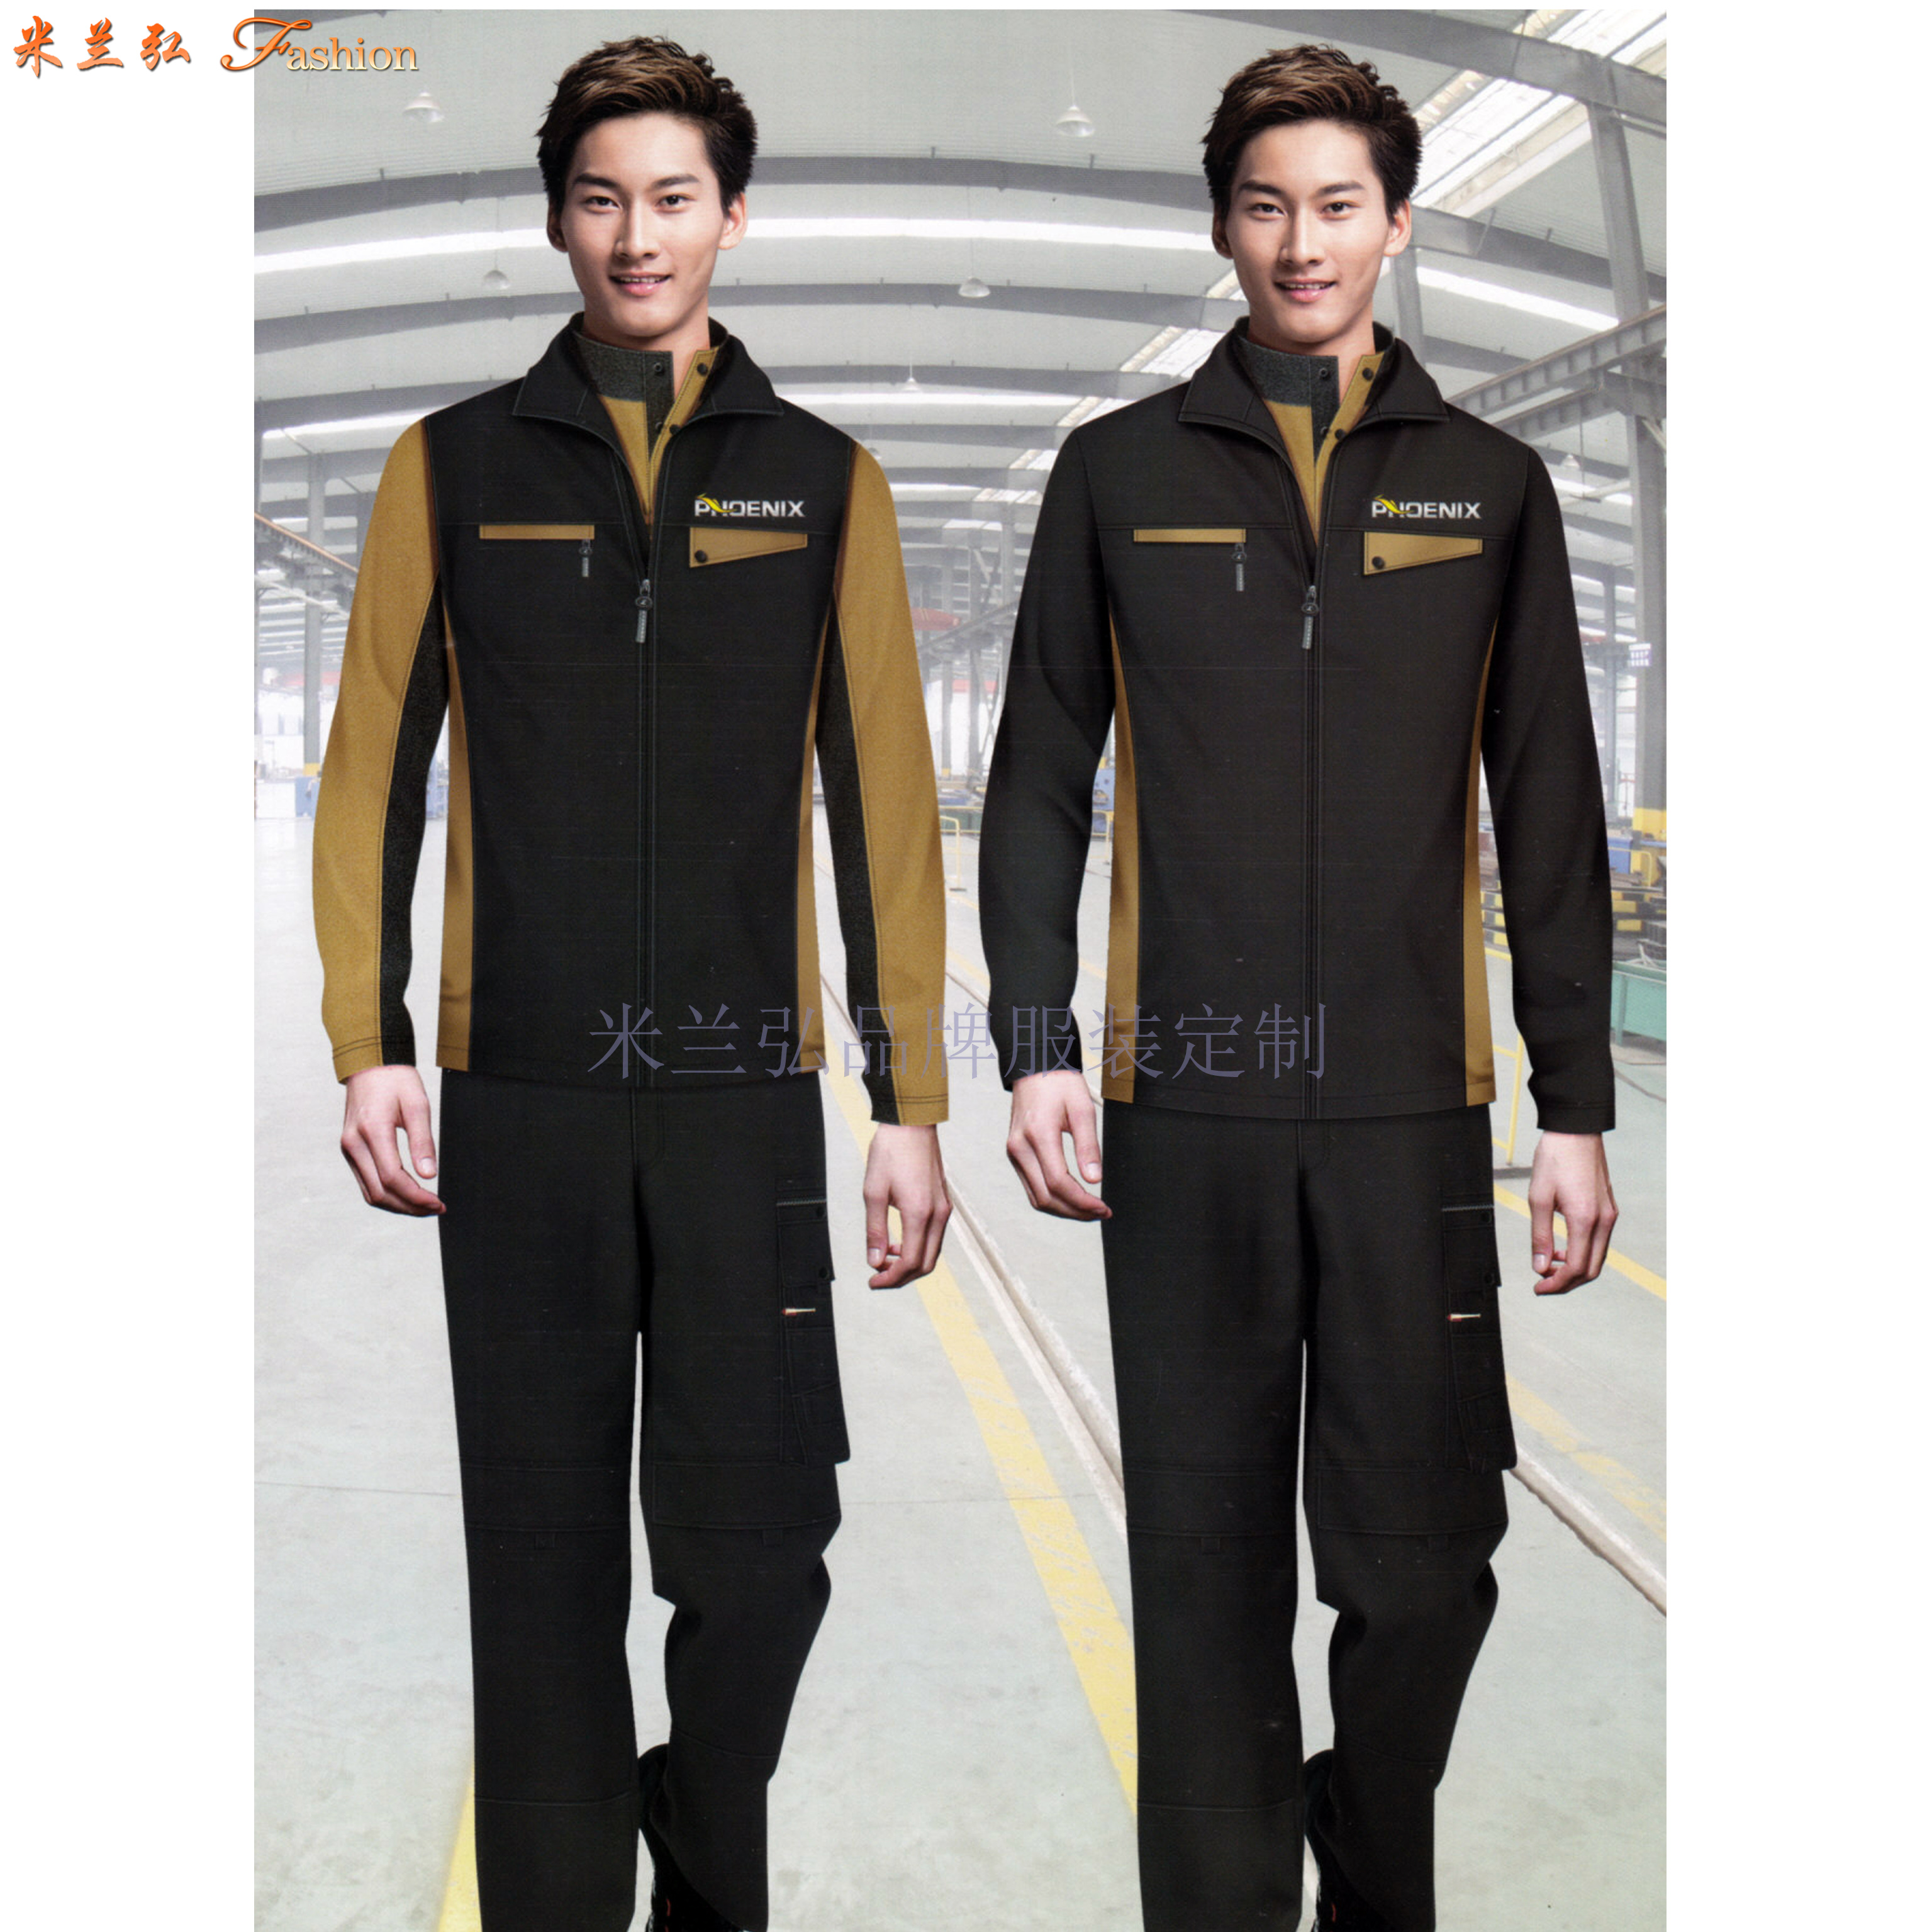 定制工作服装-物美价廉工作服订做-米兰弘服装-4